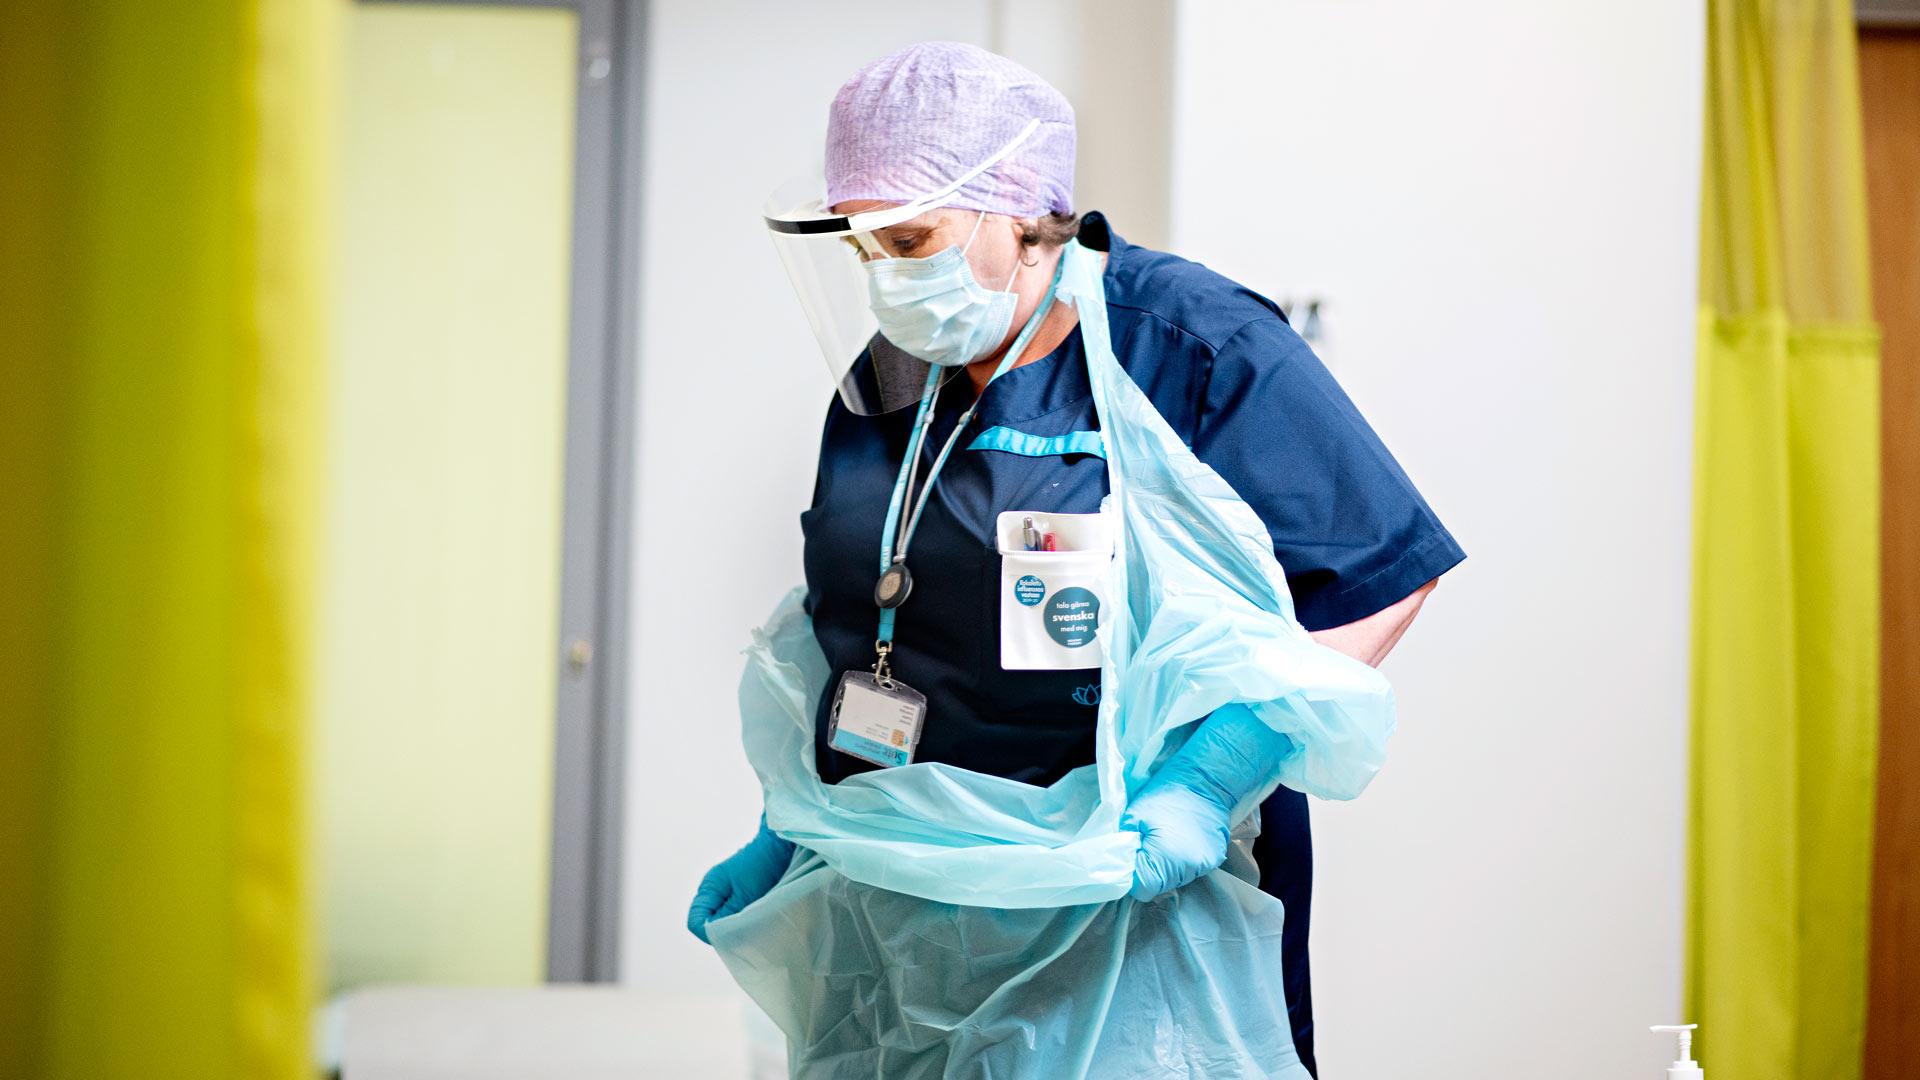 Suojavarusteiden pukemis- ja riisumisrumba vie paljon aikaa. Myssyt, käsidesit ja hanskat ovat kovassa käytössä epidemian aikana.